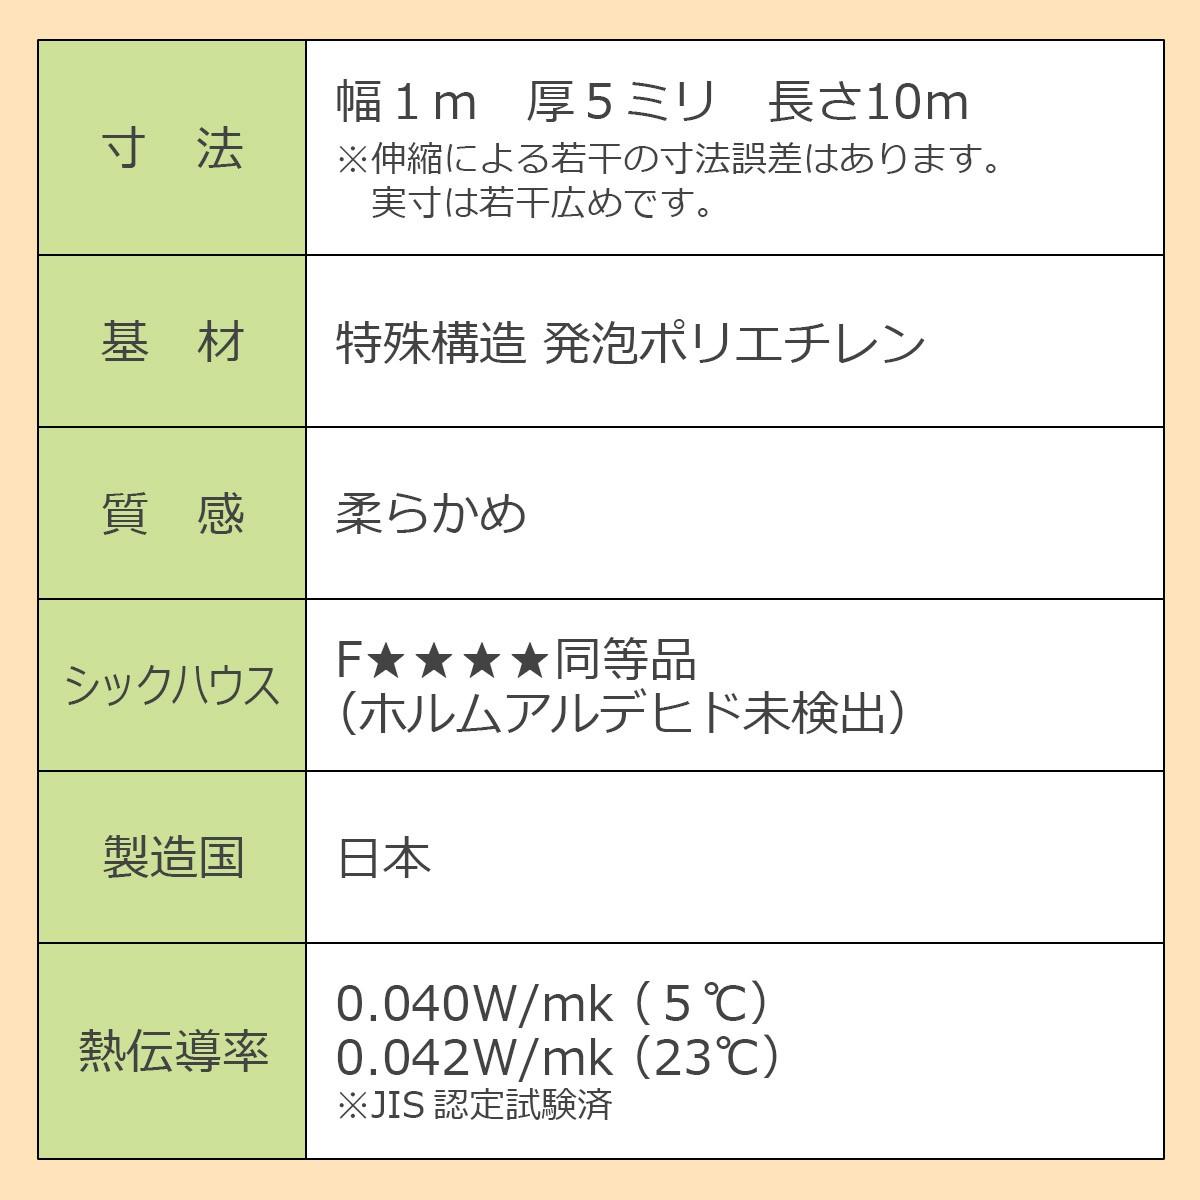 寸法…幅1ミリ 厚5ミリ 長さ10メートル ※伸縮による若干の寸法誤差はあります。実寸は若干広めです。 基材…特殊構造 発泡ポリエチレン 質感…柔らかめ シックハウス…Fフォースター同等品(ホルムアルデヒド未検出) 製造国…日本 熱伝導率…0.040W/mk(5℃) 0.042W/mk(23℃) ※JIS認定試験済